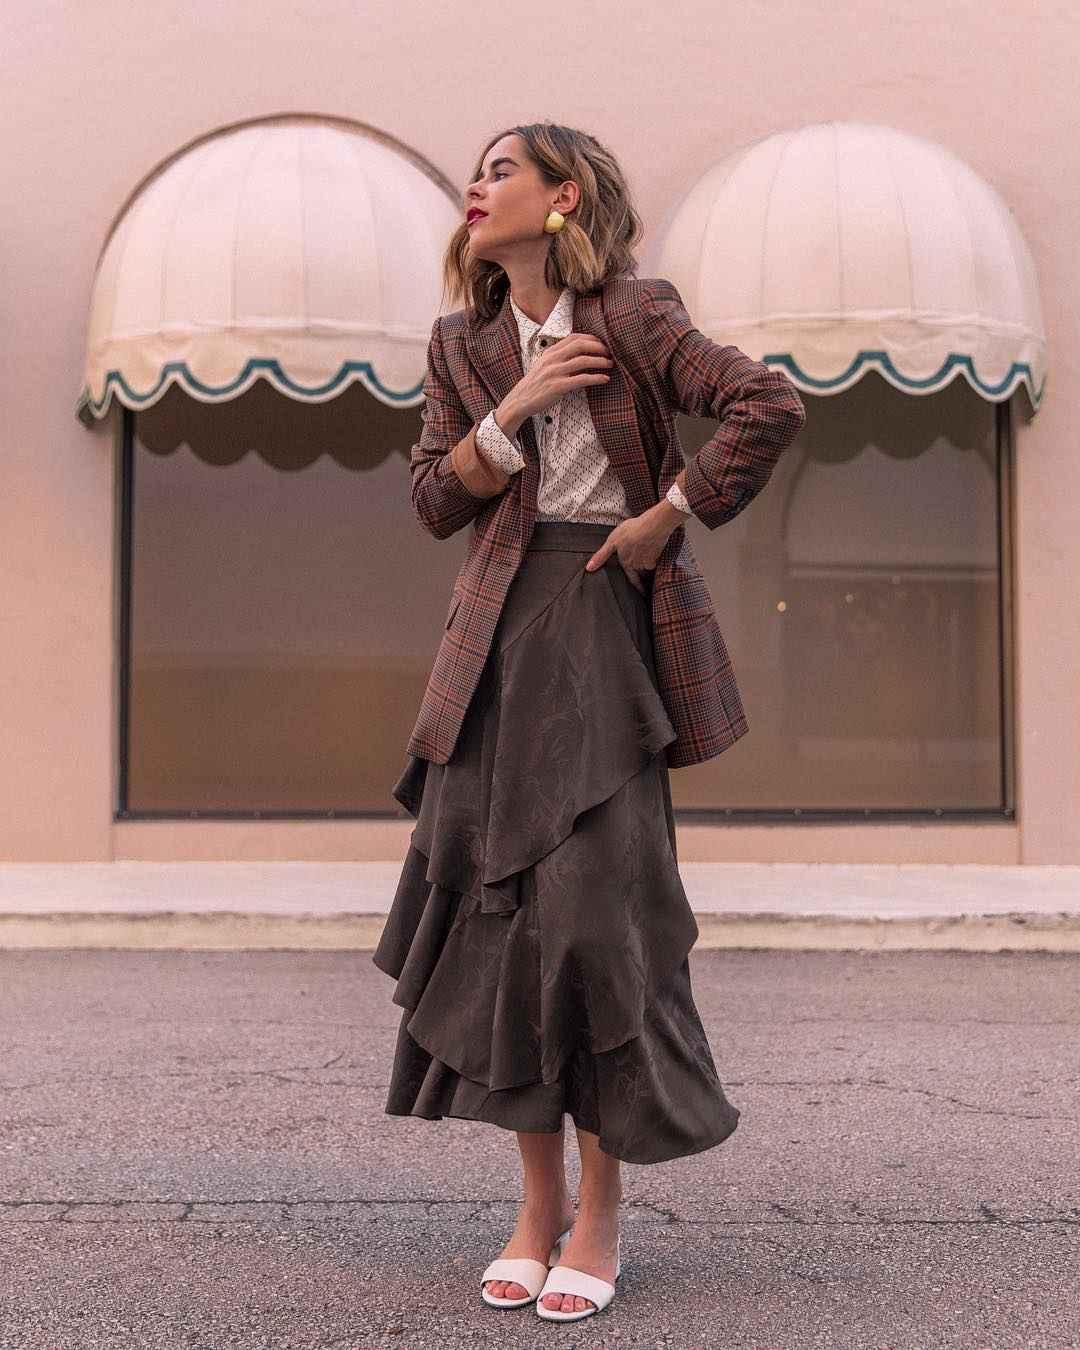 Модные деловые образы с юбкой 2019-2020 фото идеи_9